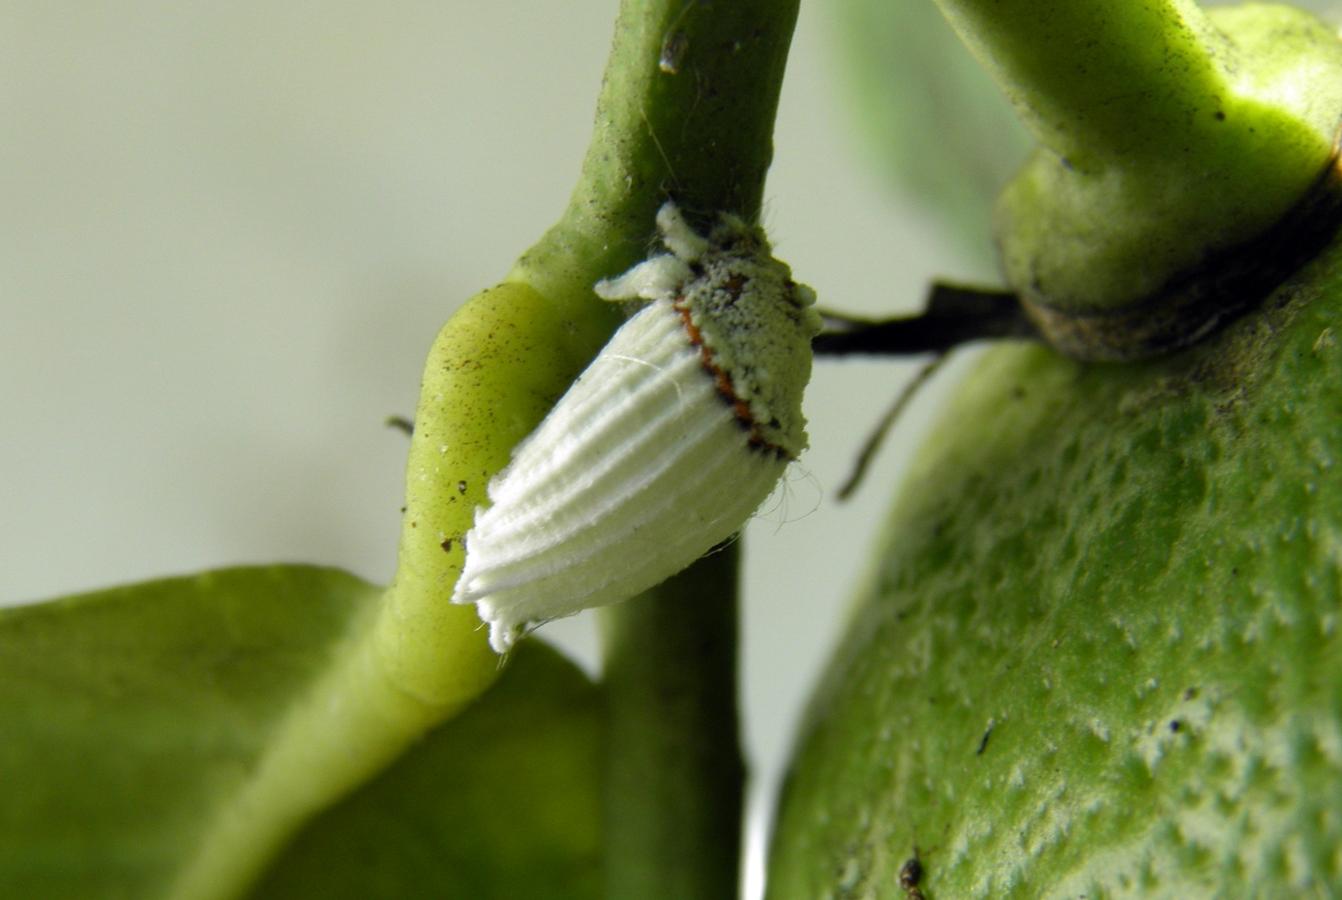 Fêmea em pedúnculo de limão © Ricardo Ramos da Silva